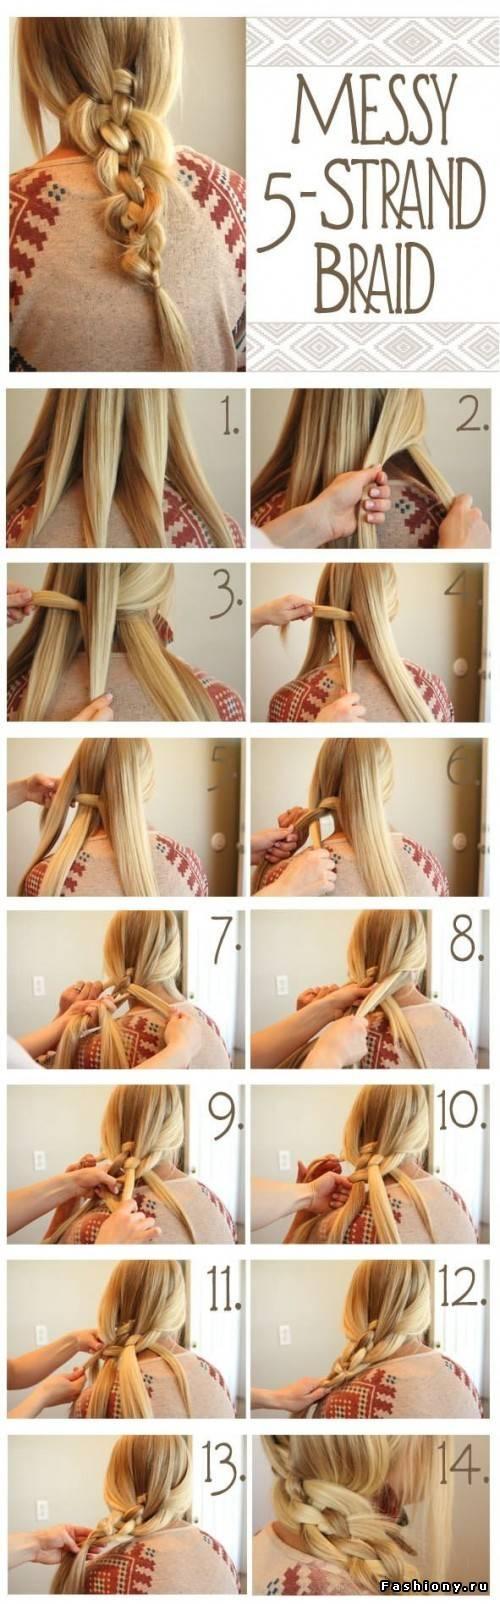 Как научиться самой себе плести косы: распространенные техники, особенности плетения на себе, примеры с фото, советы парикмахеров